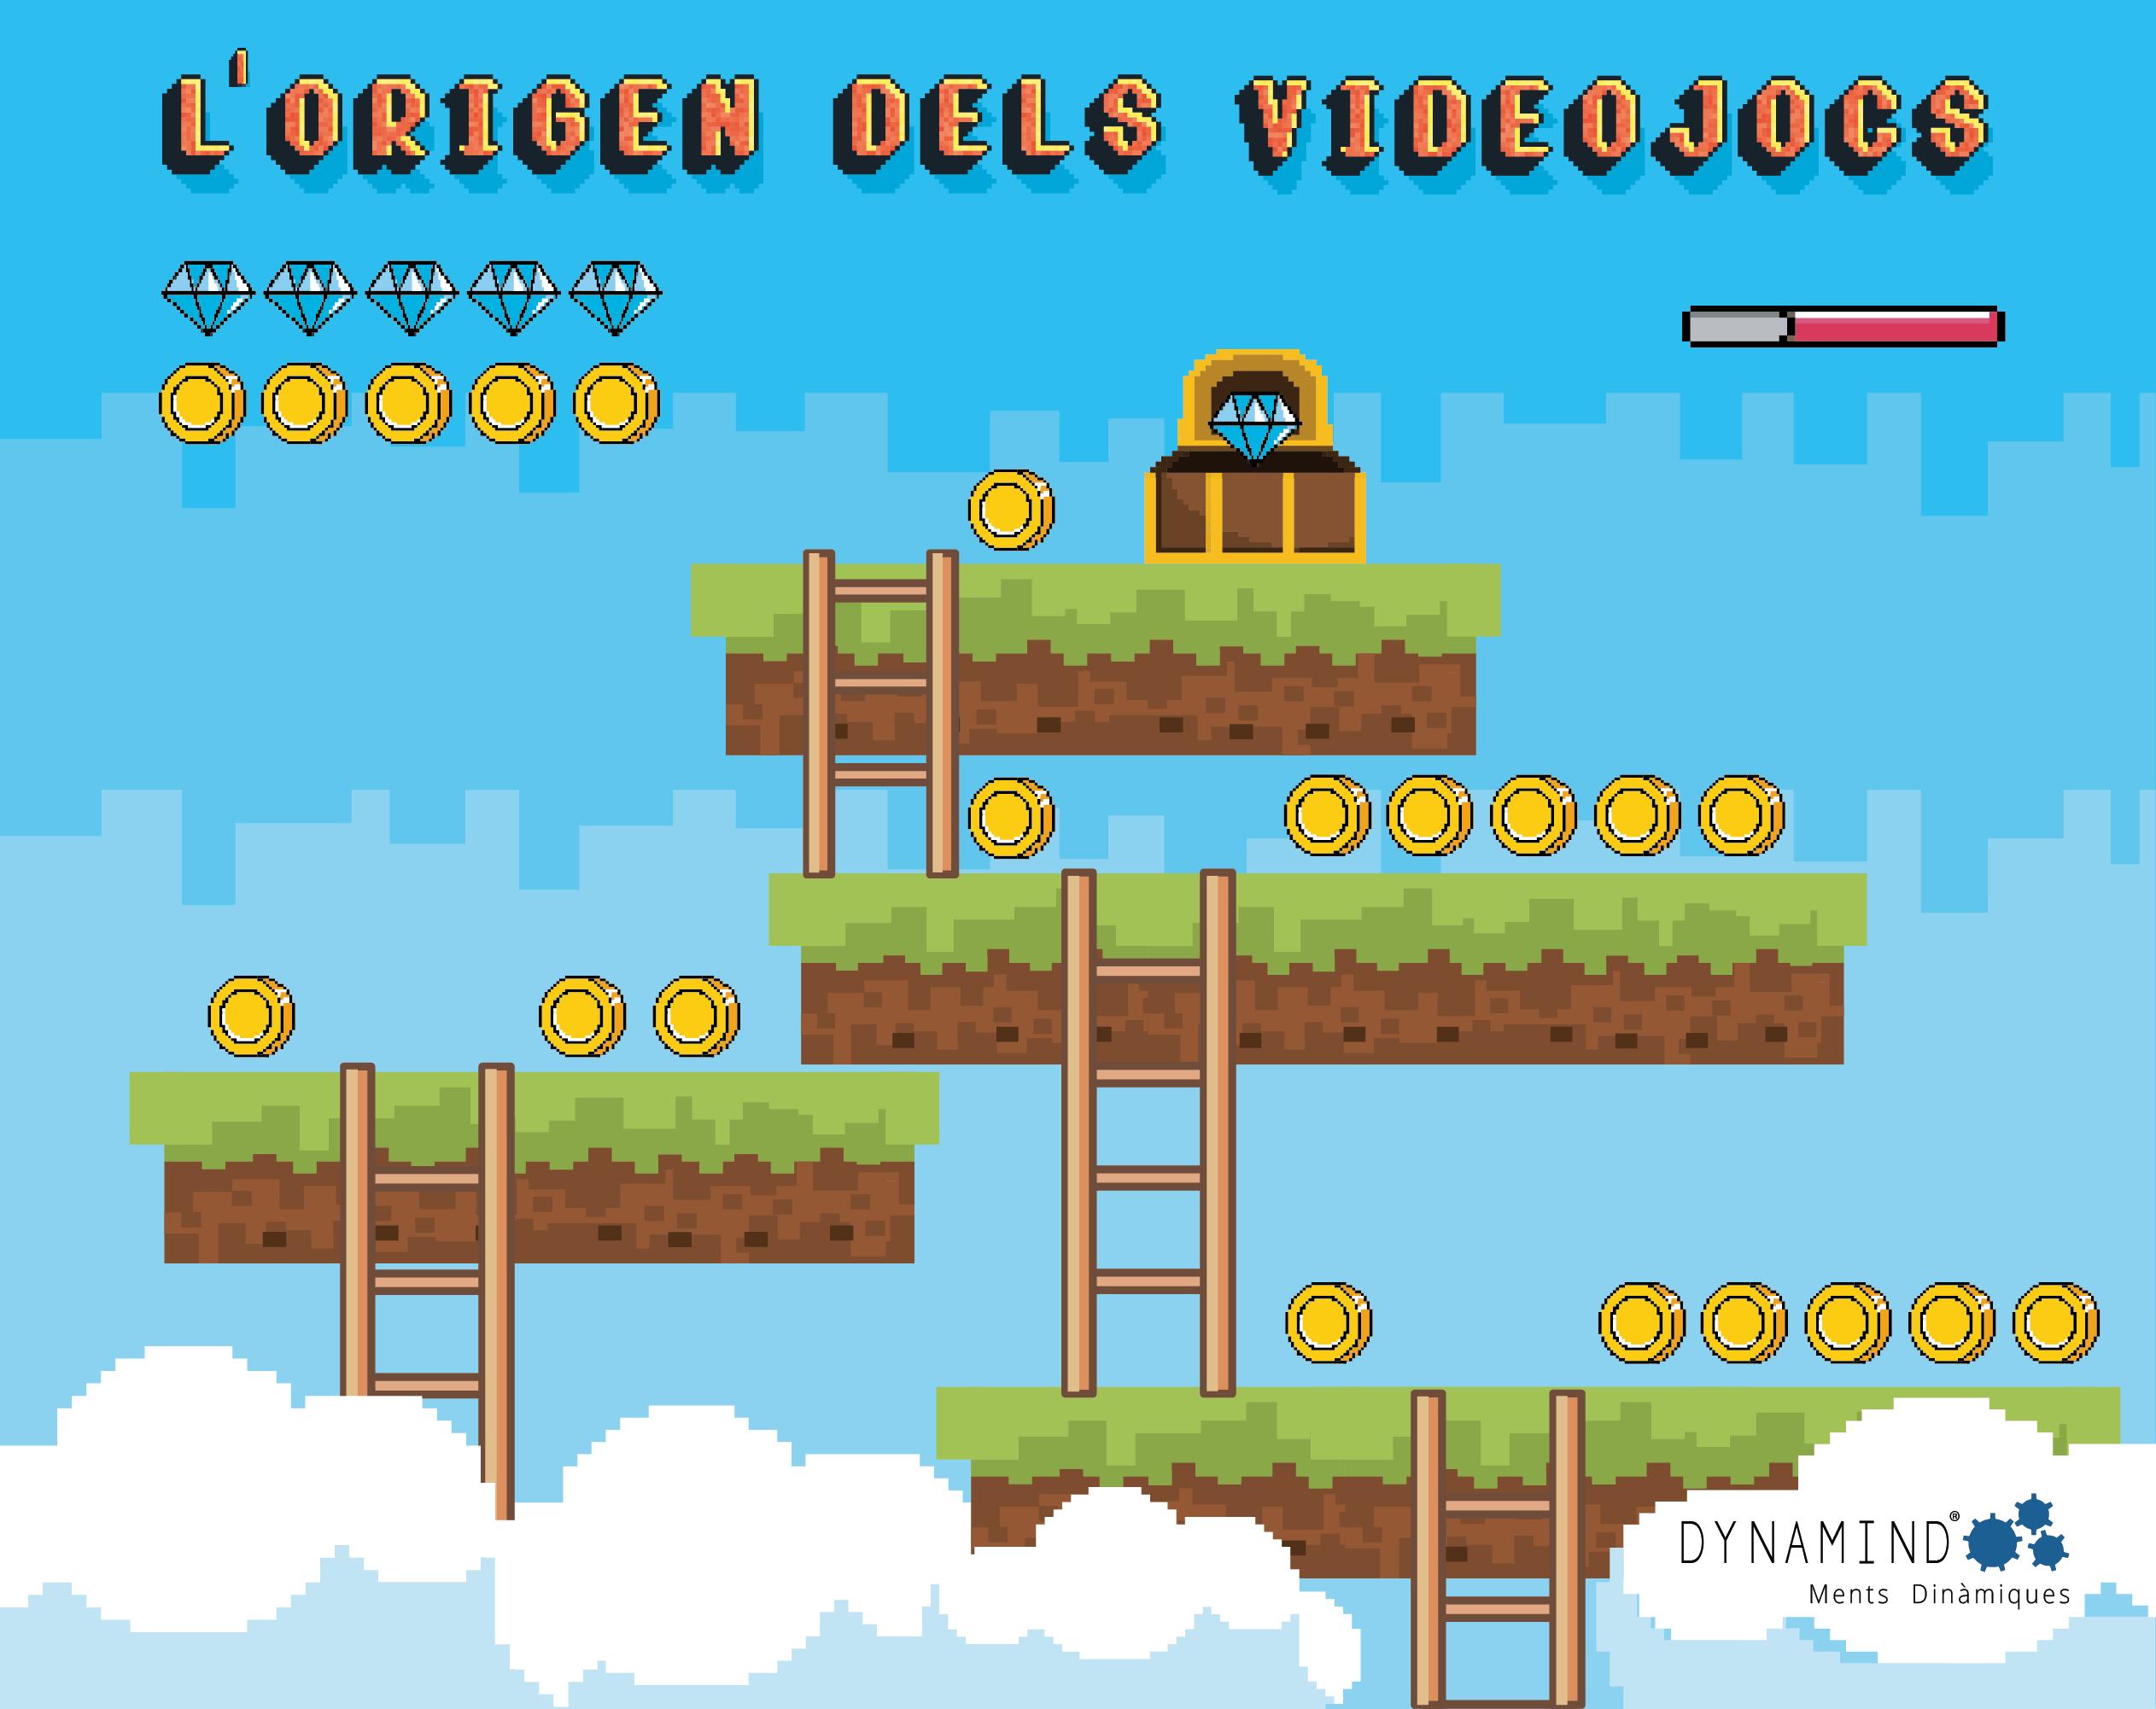 origen_videojocs_escsales-01